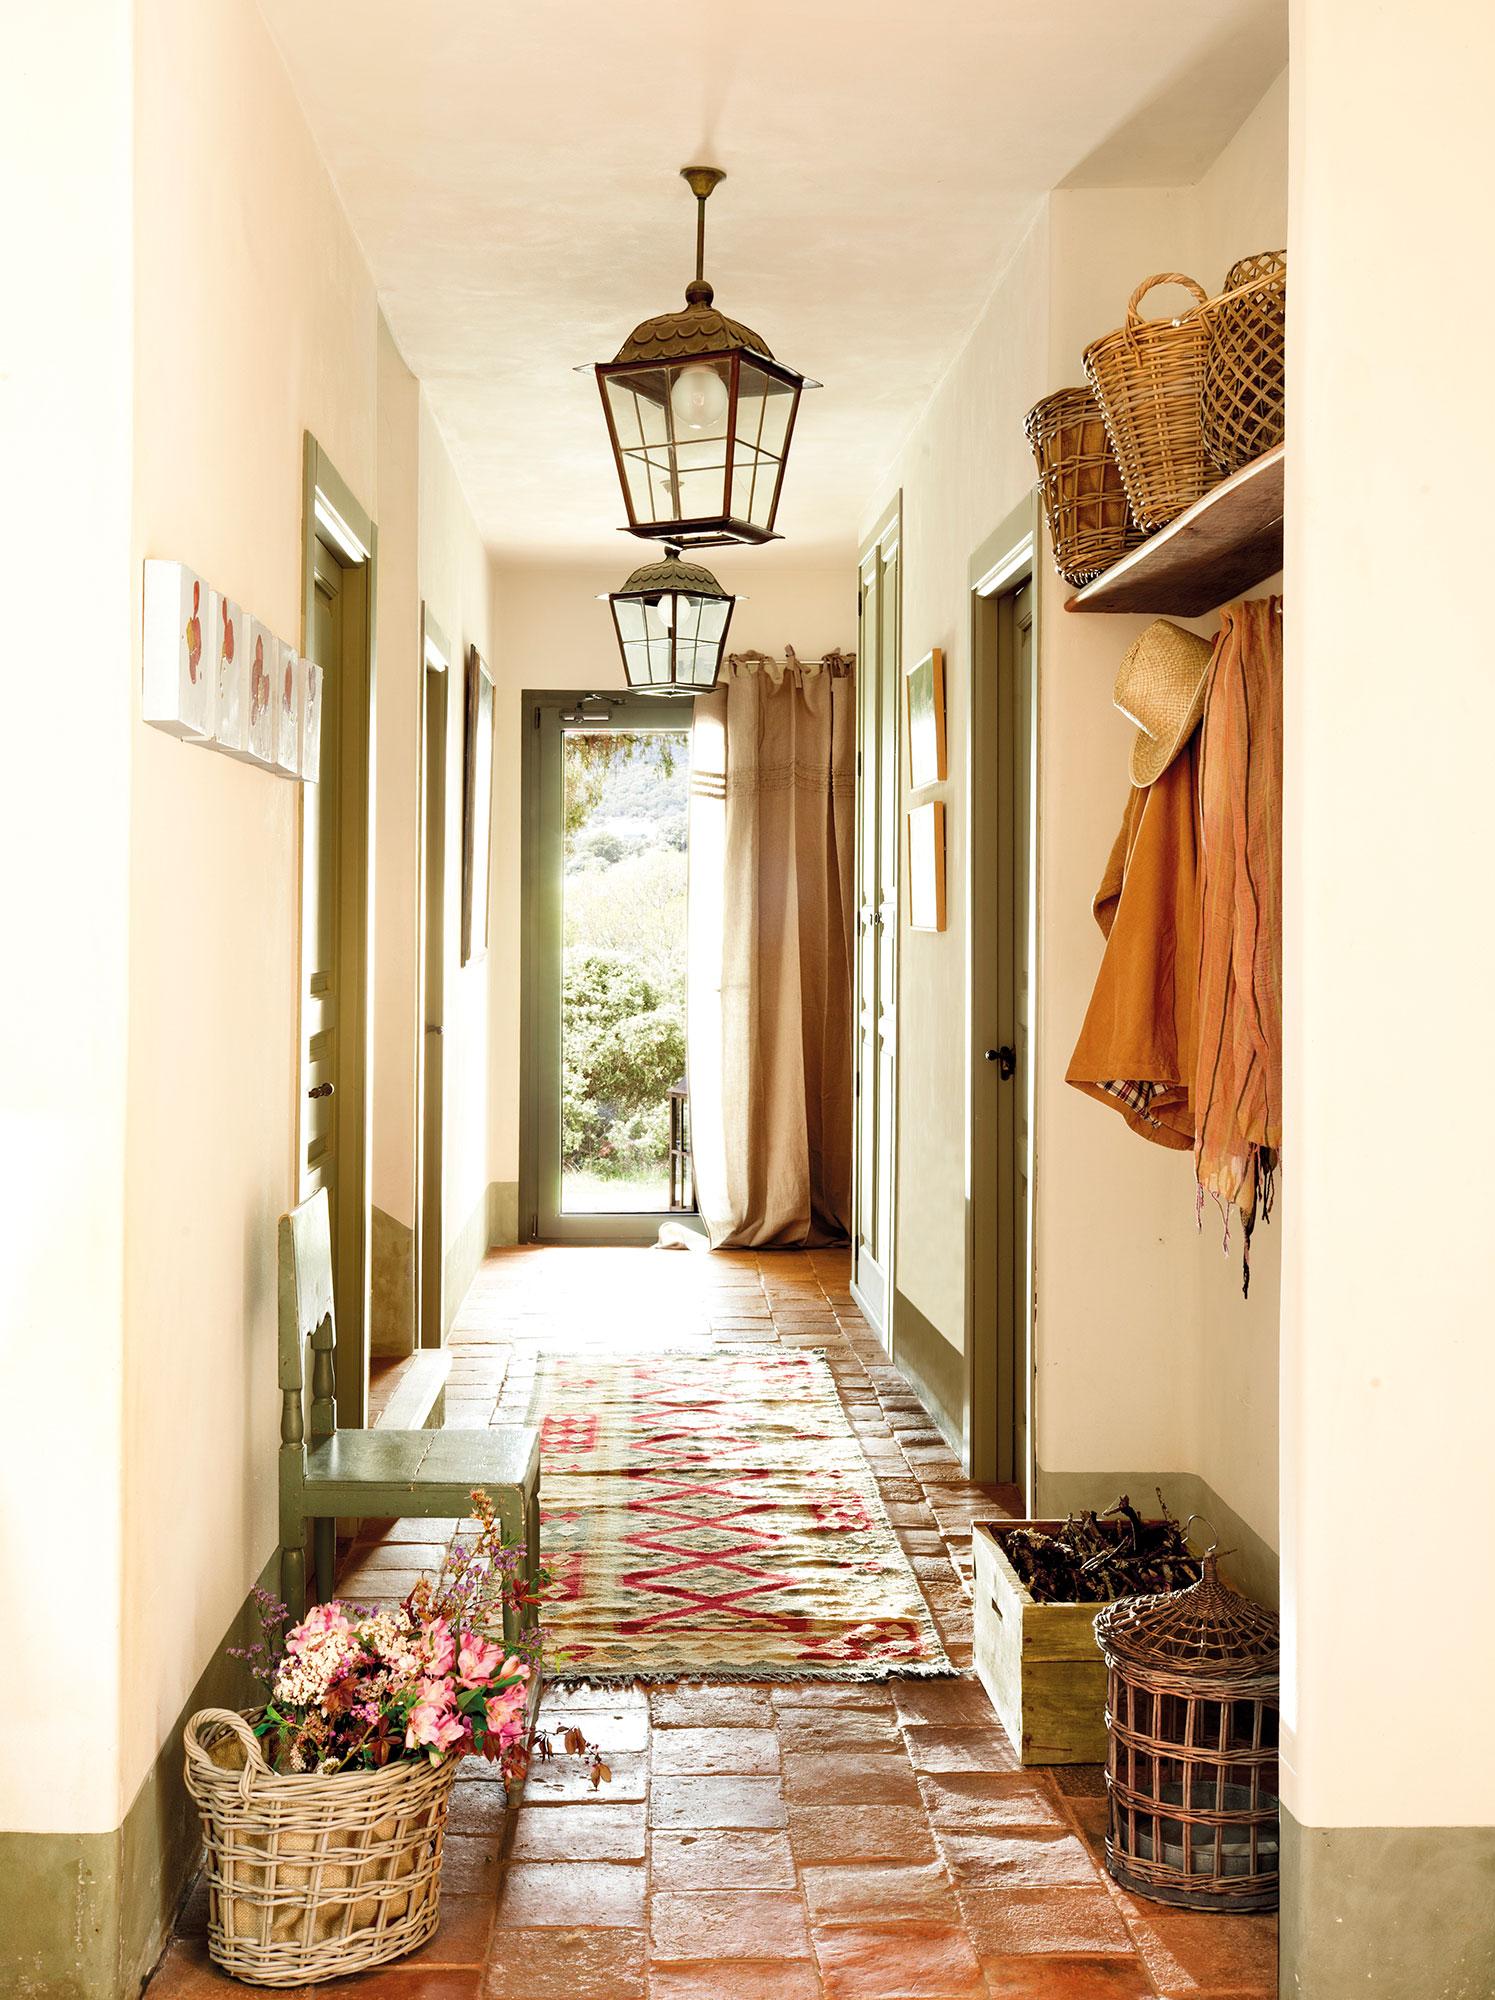 Recibidor campestre con puertas en verde. Una colección en el recibidor 3426a408c34